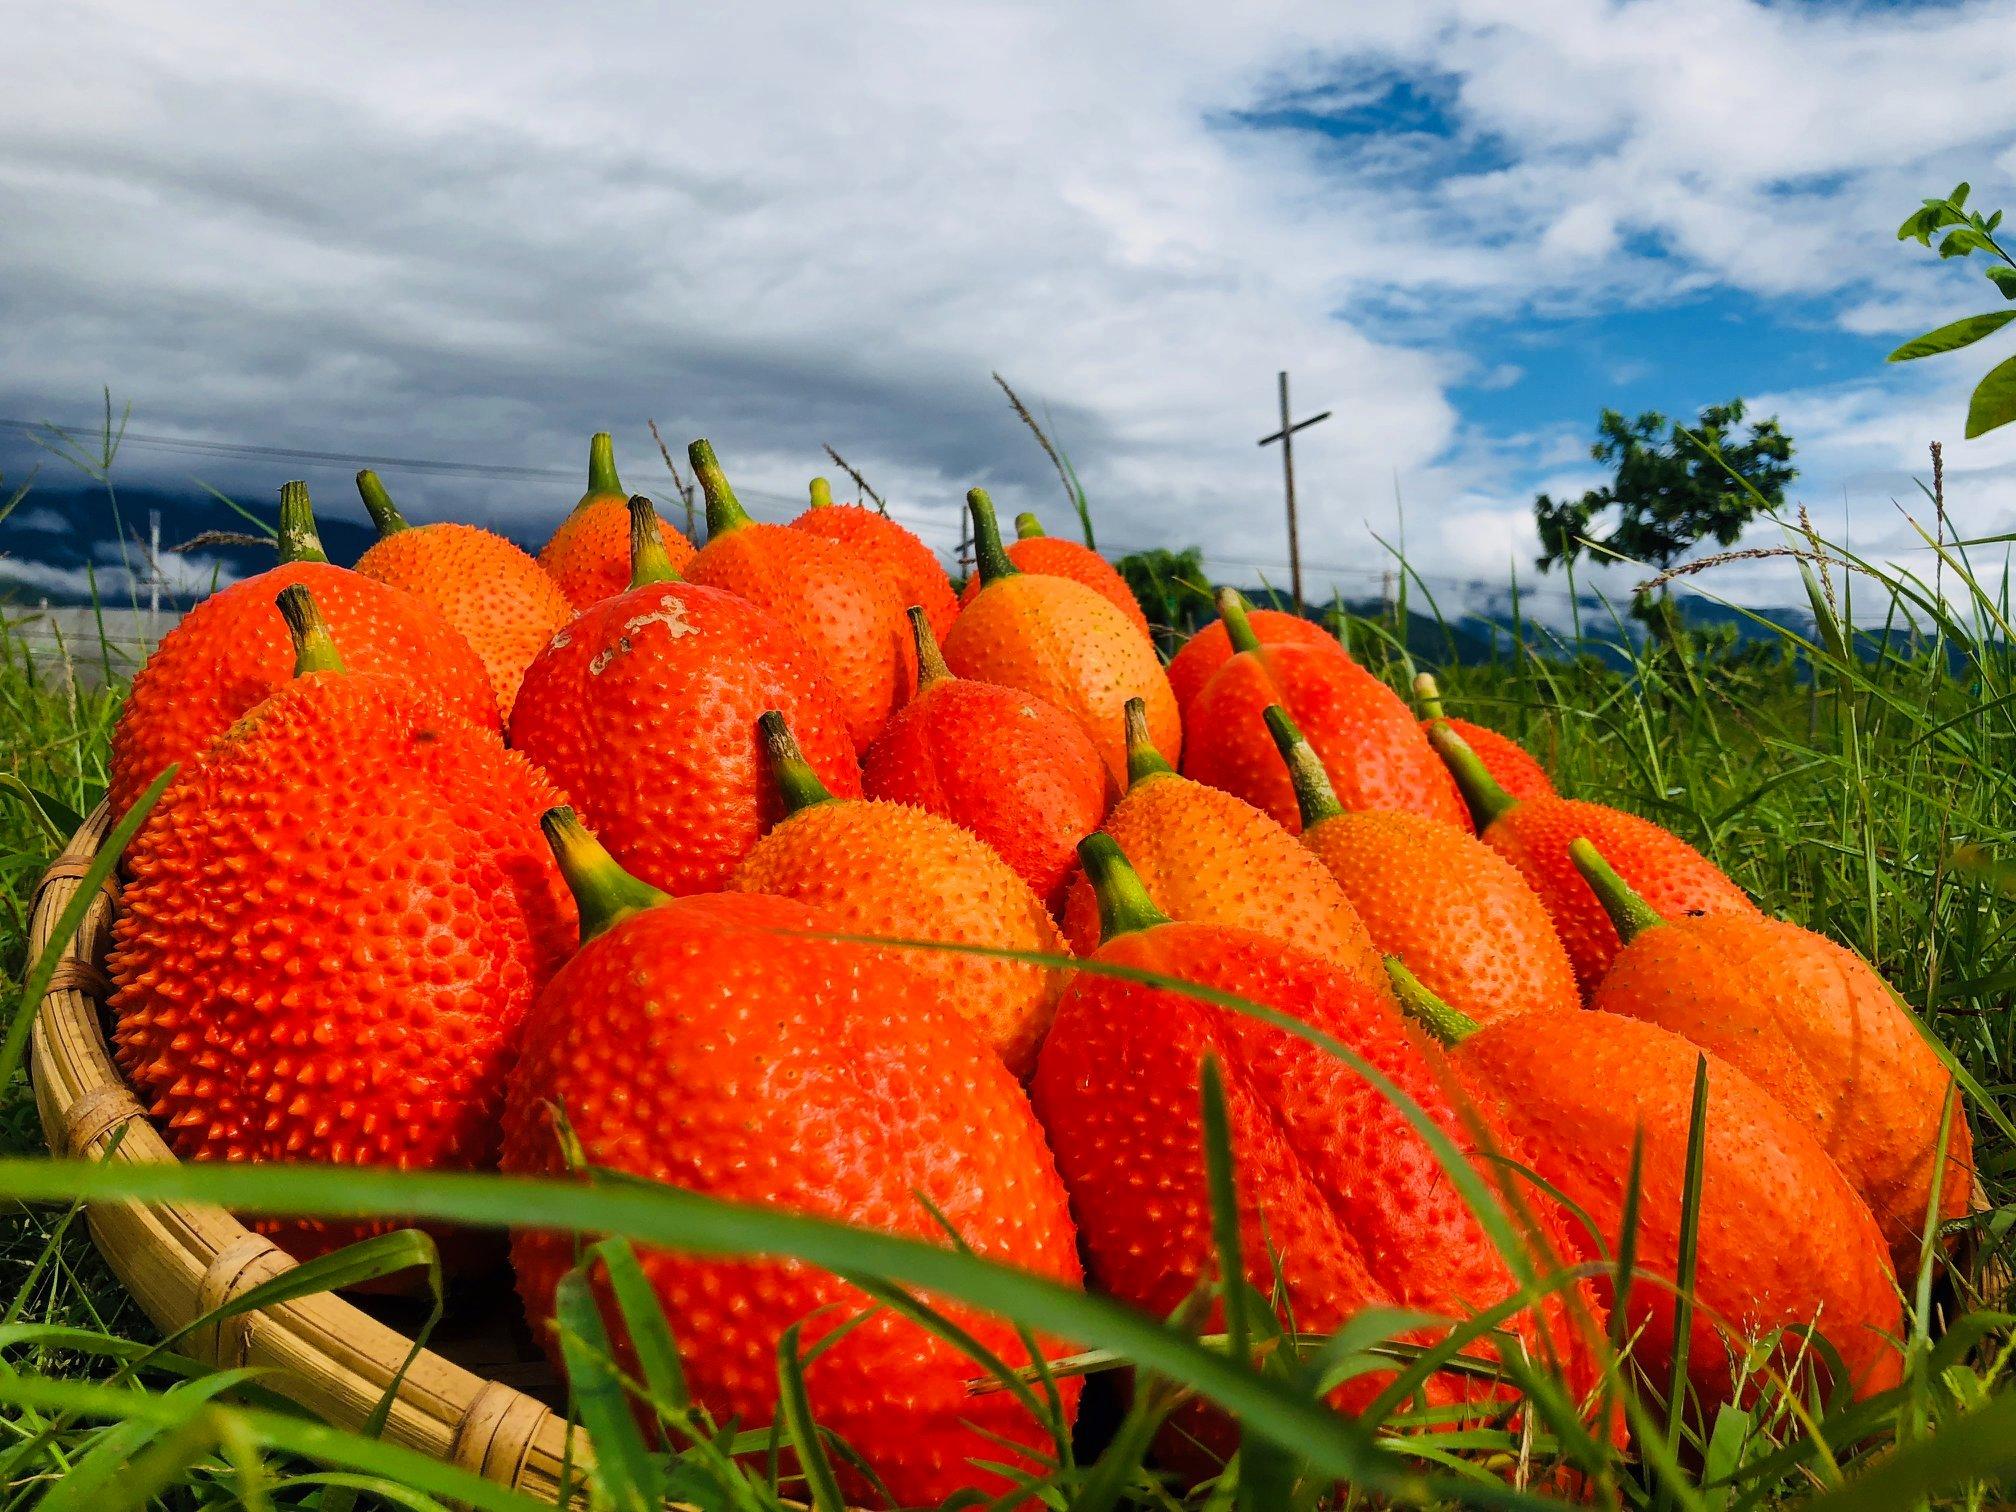 它叫木虌果,不是惡魔果實!天堂的營養聖品木虌果,這樣煮最好吃